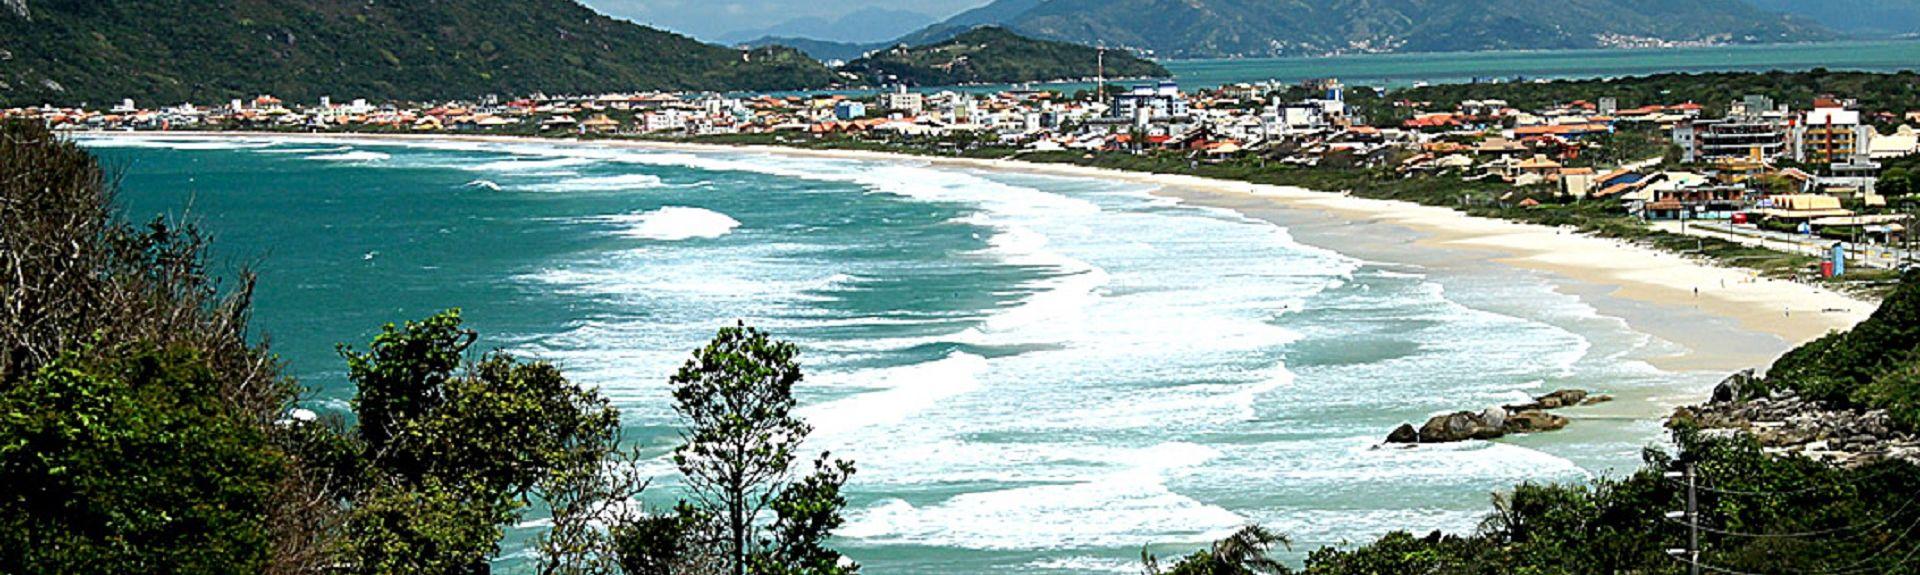 Canto Grande, Bombinhas, South Region, Brazil